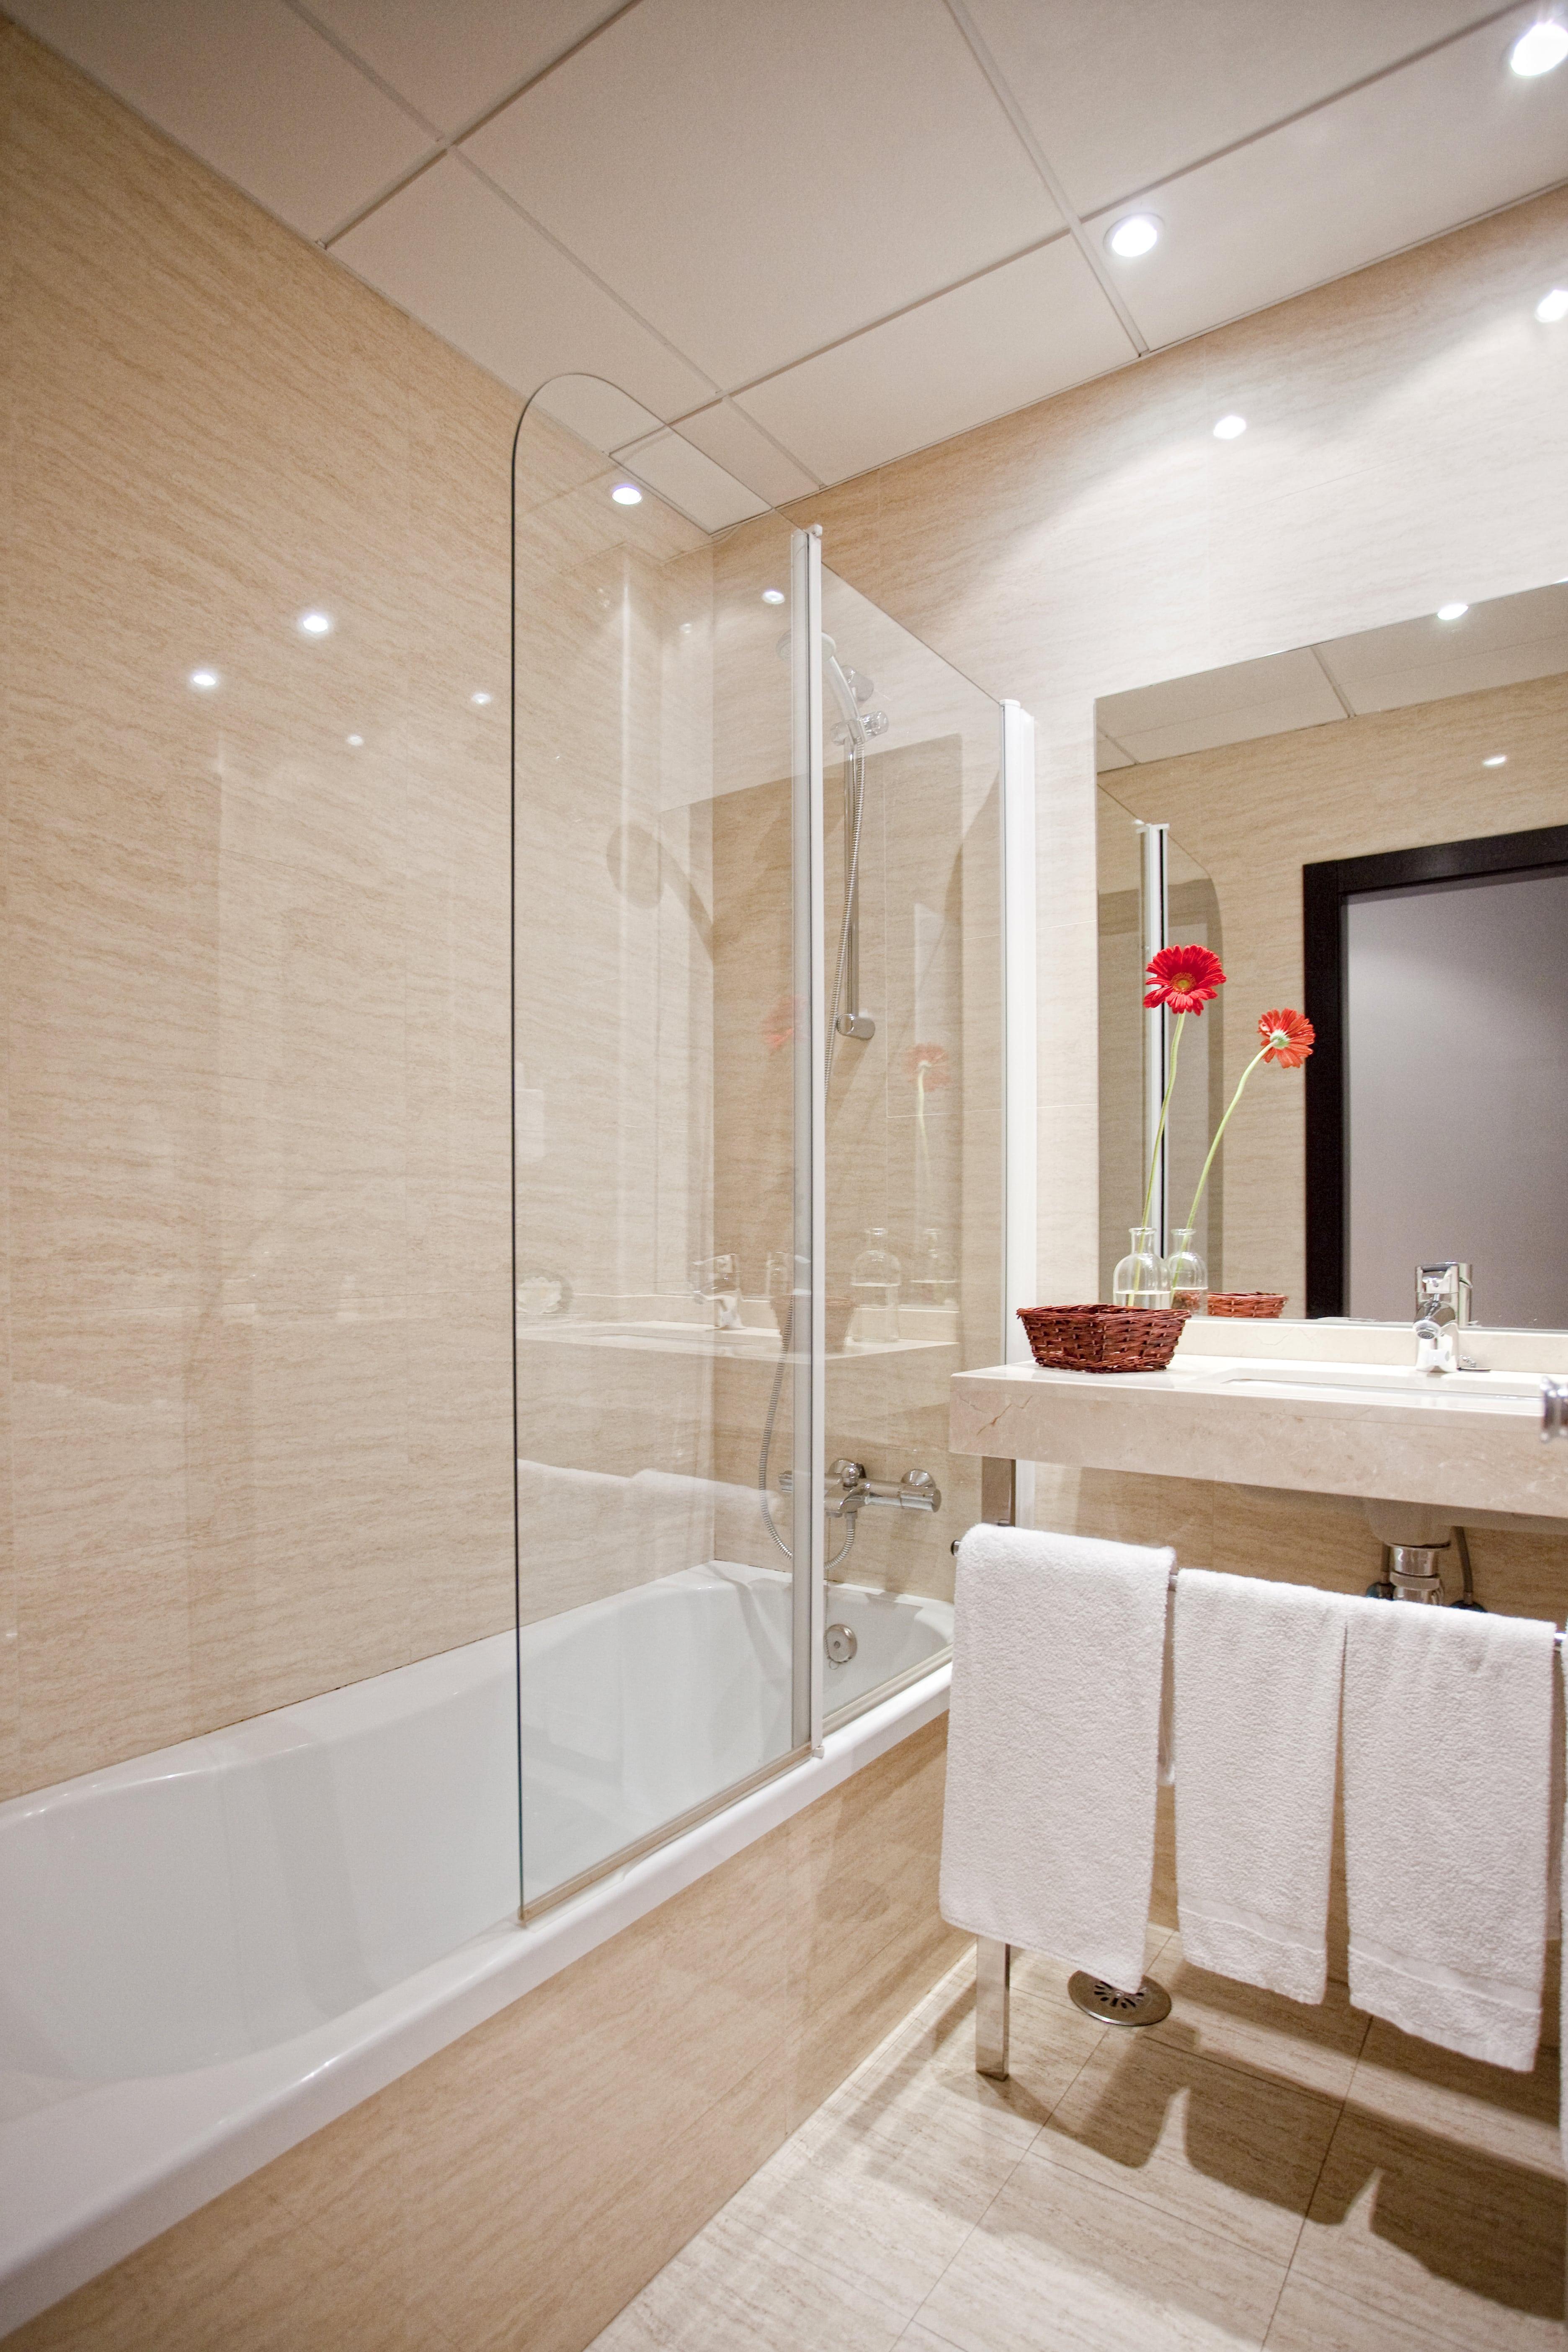 habitación doble hotel cortijo chico baño